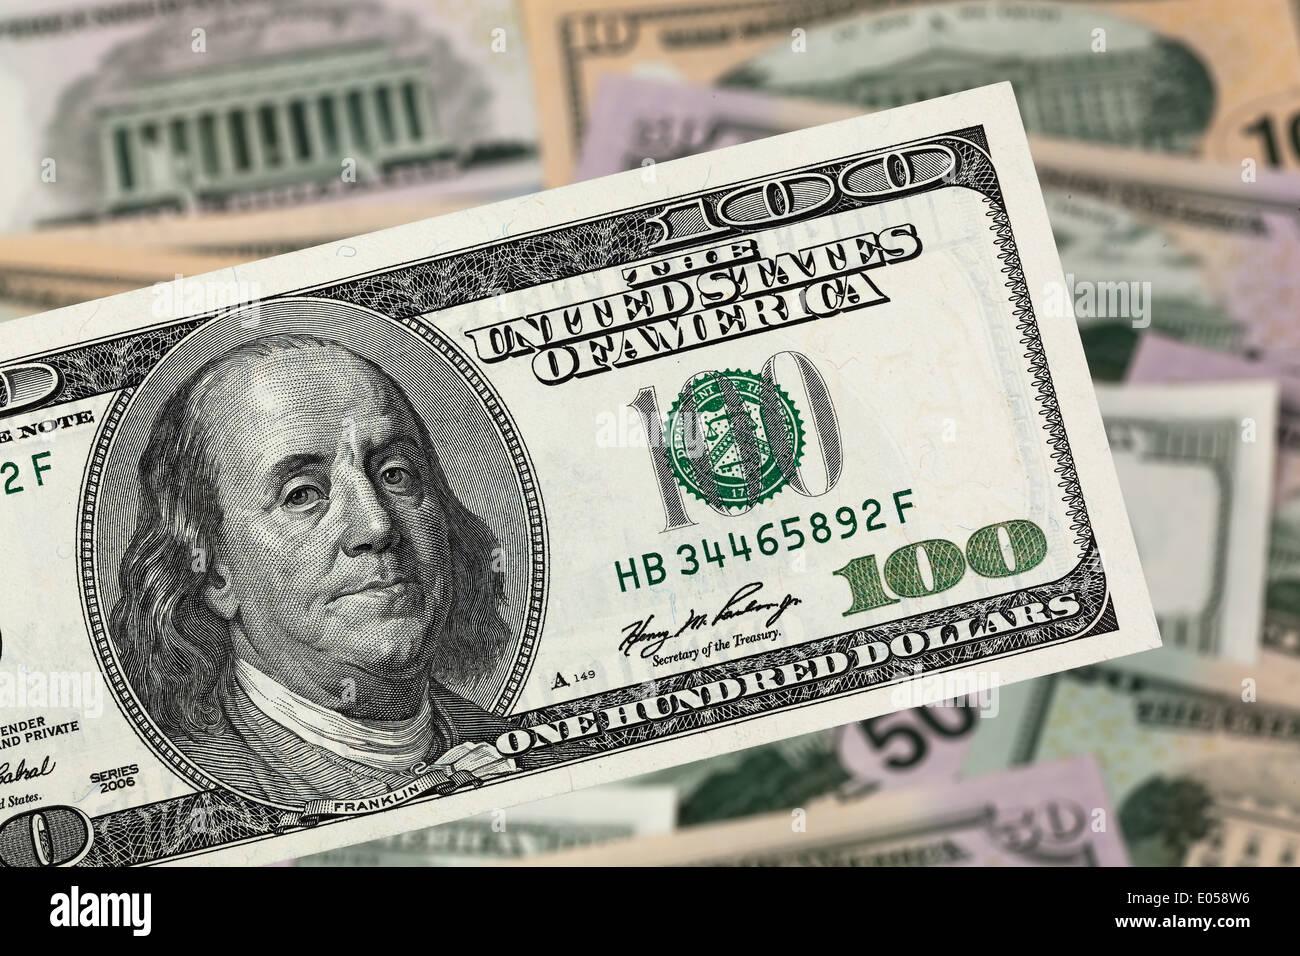 American dollar of bank notes from the USA, Amerikanische Dollar Geldscheine aus den USA Stock Photo